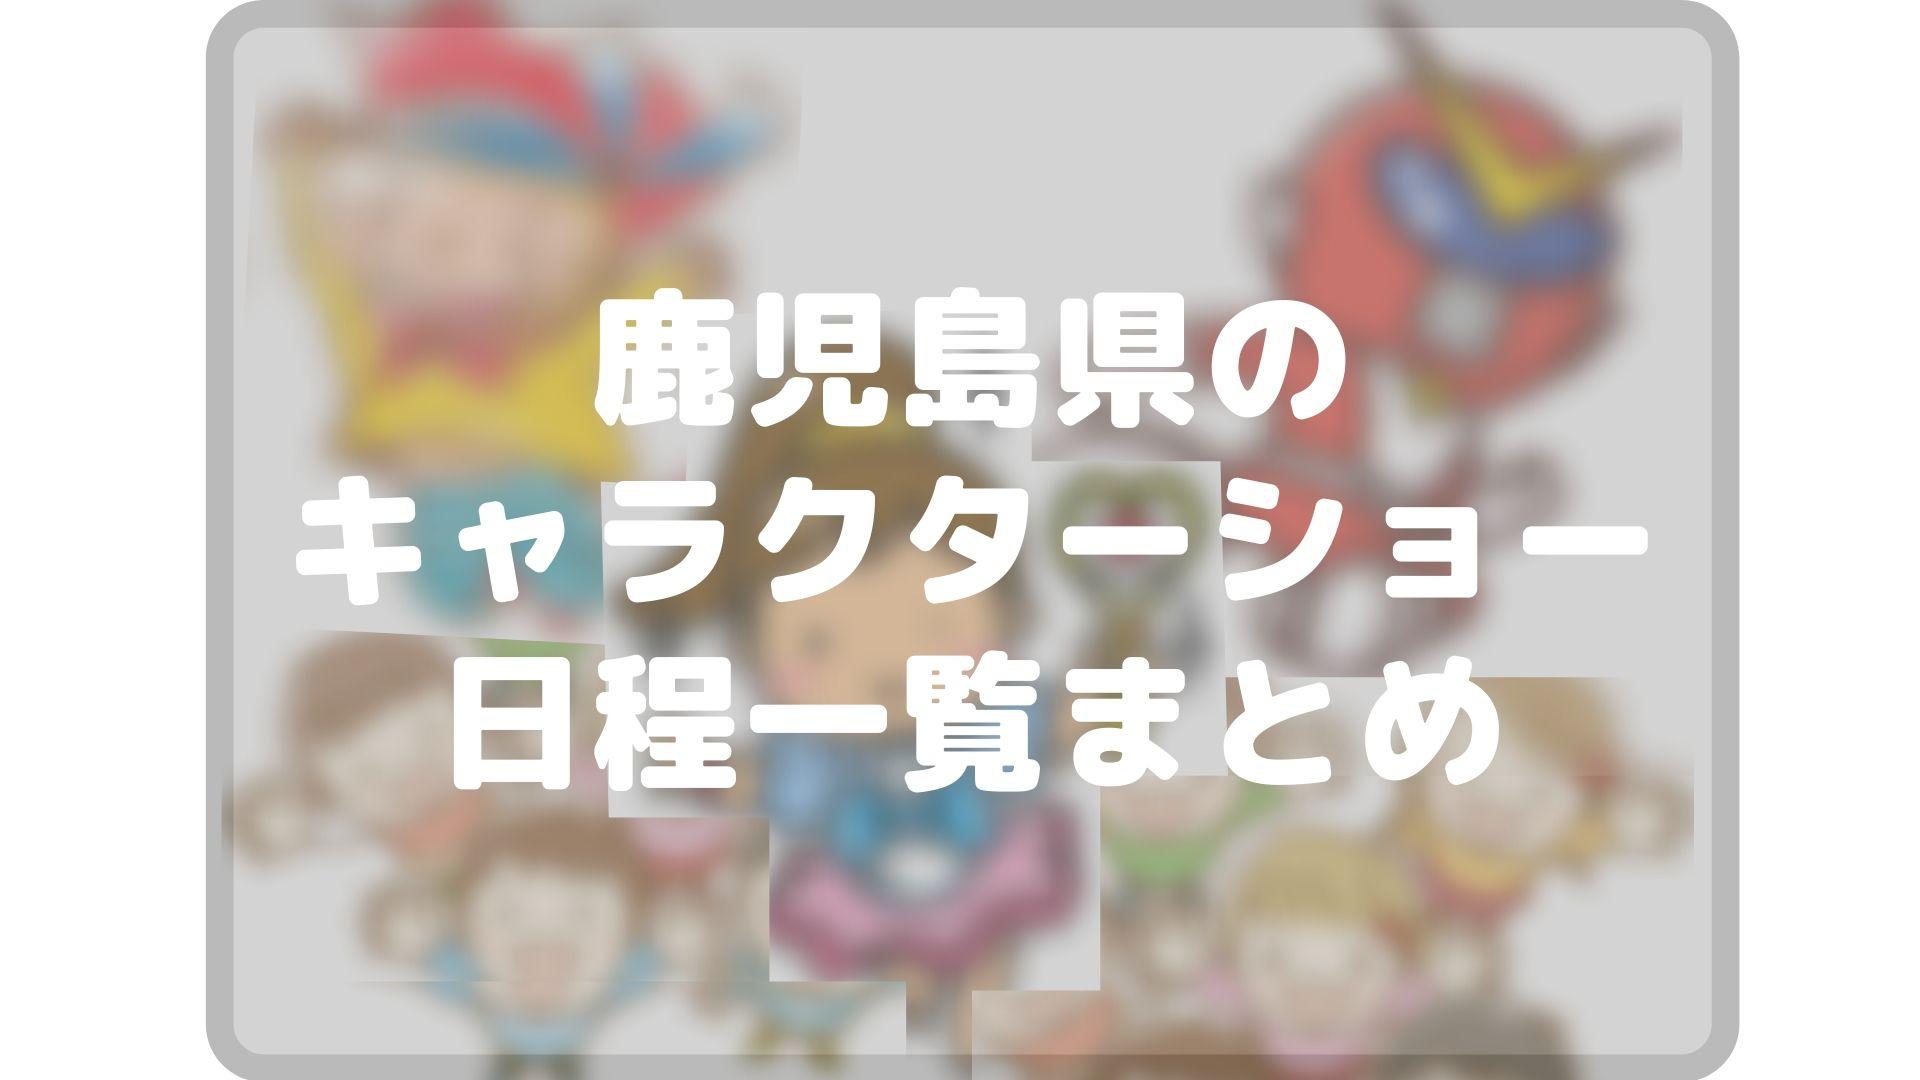 鹿児島県のキャラクターショーまとめタイトル画像